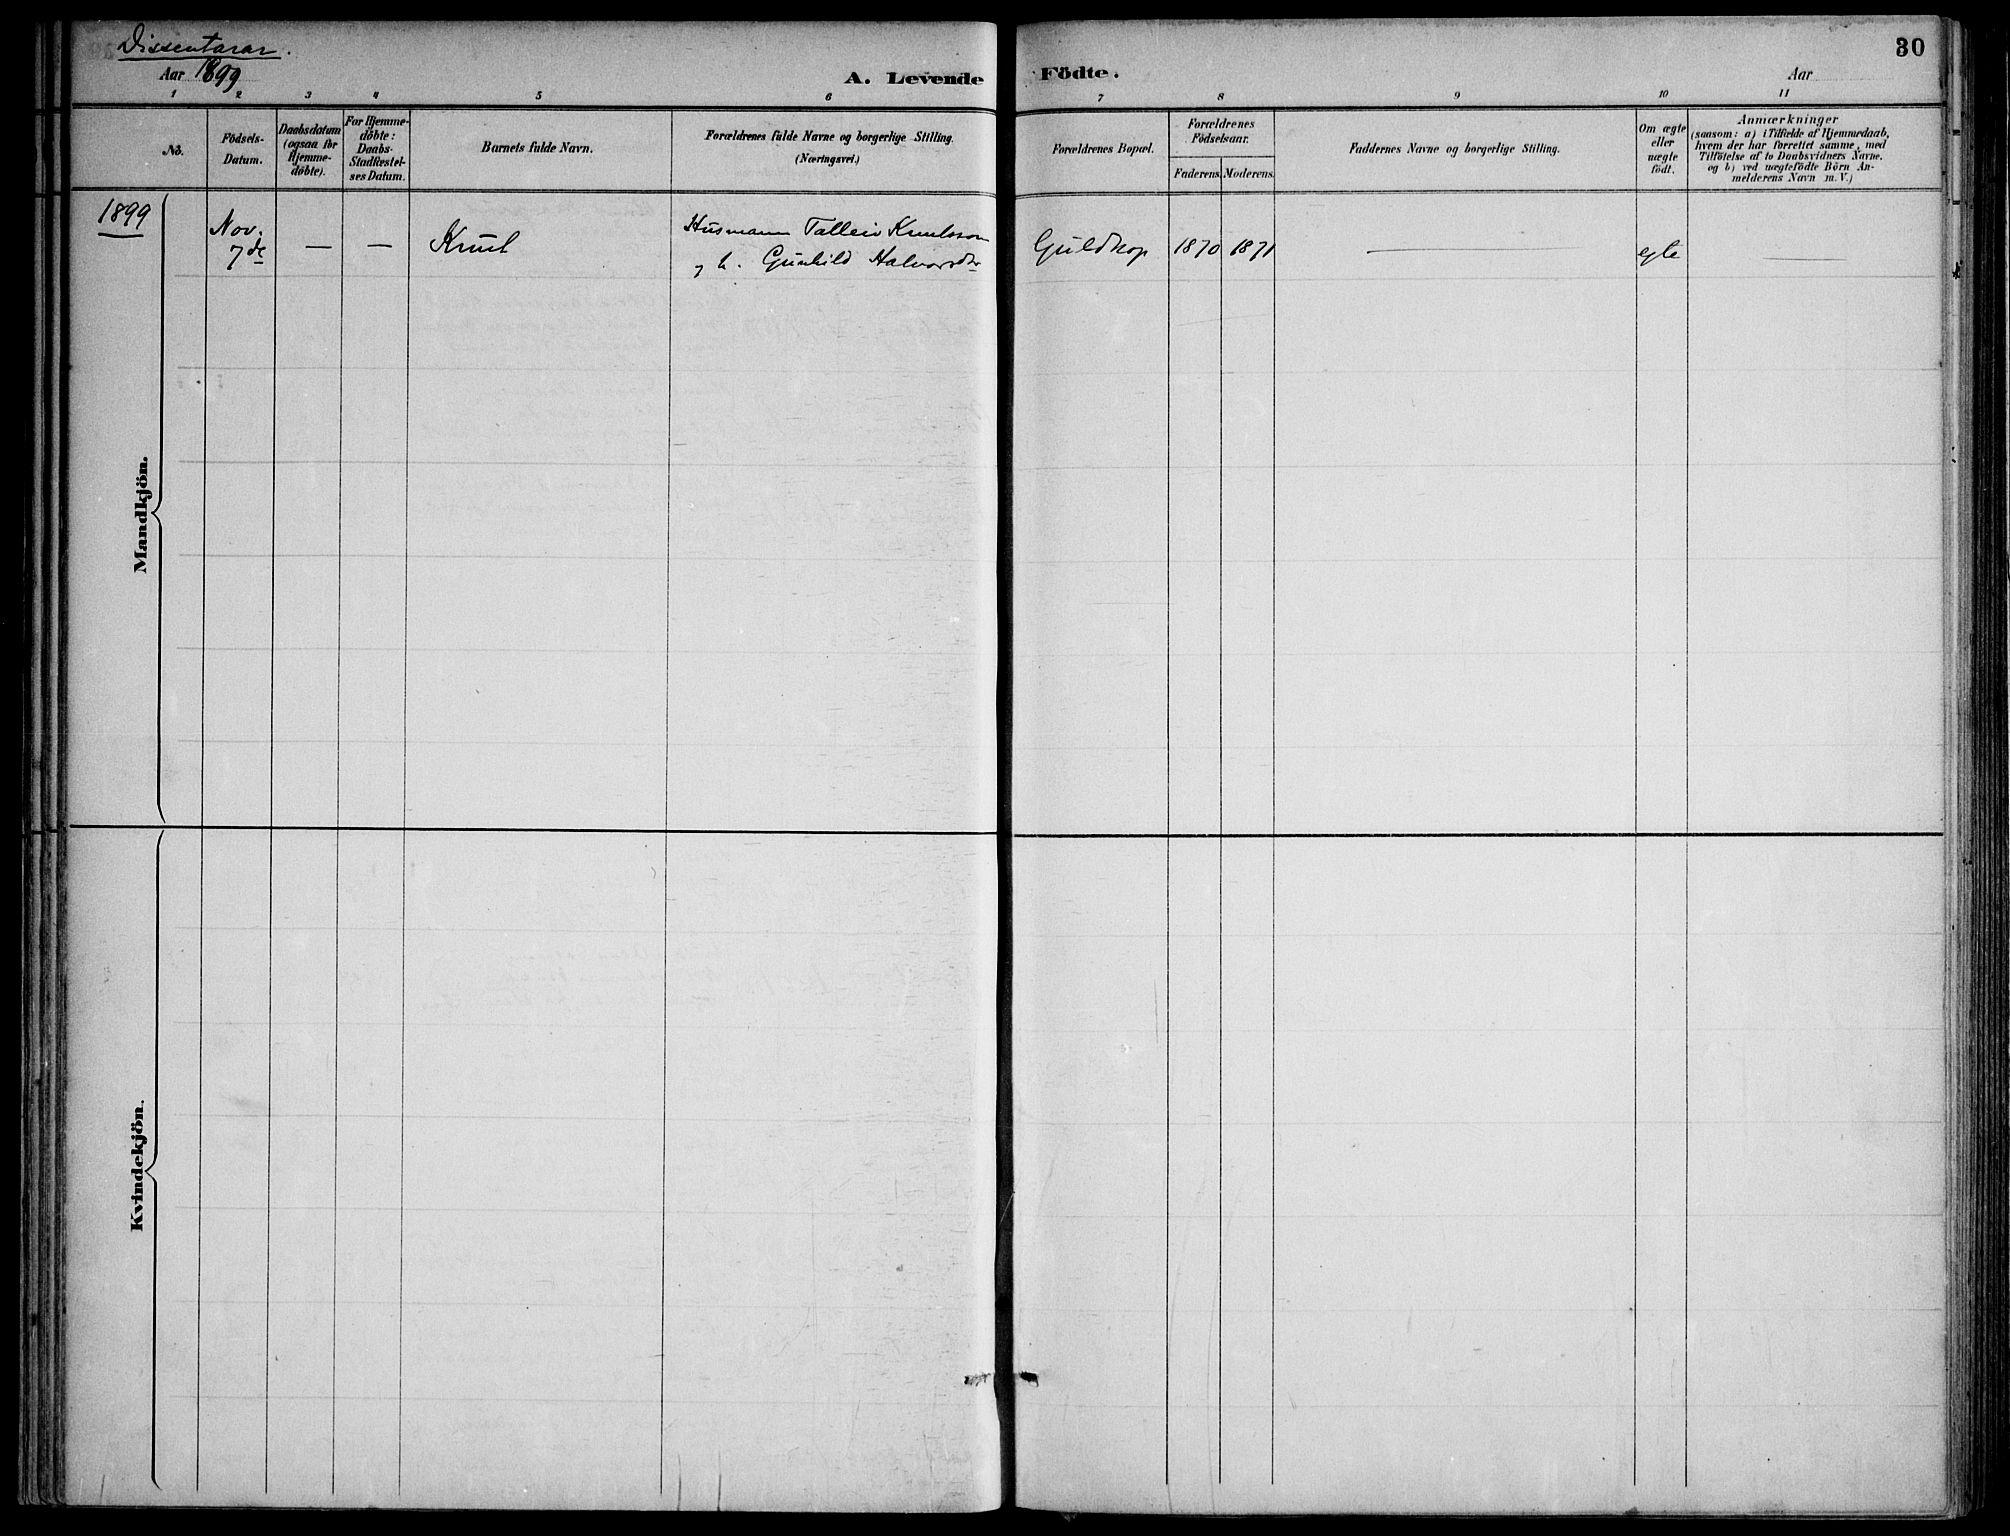 SAKO, Lårdal kirkebøker, F/Fa/L0007: Ministerialbok nr. I 7, 1887-1906, s. 30